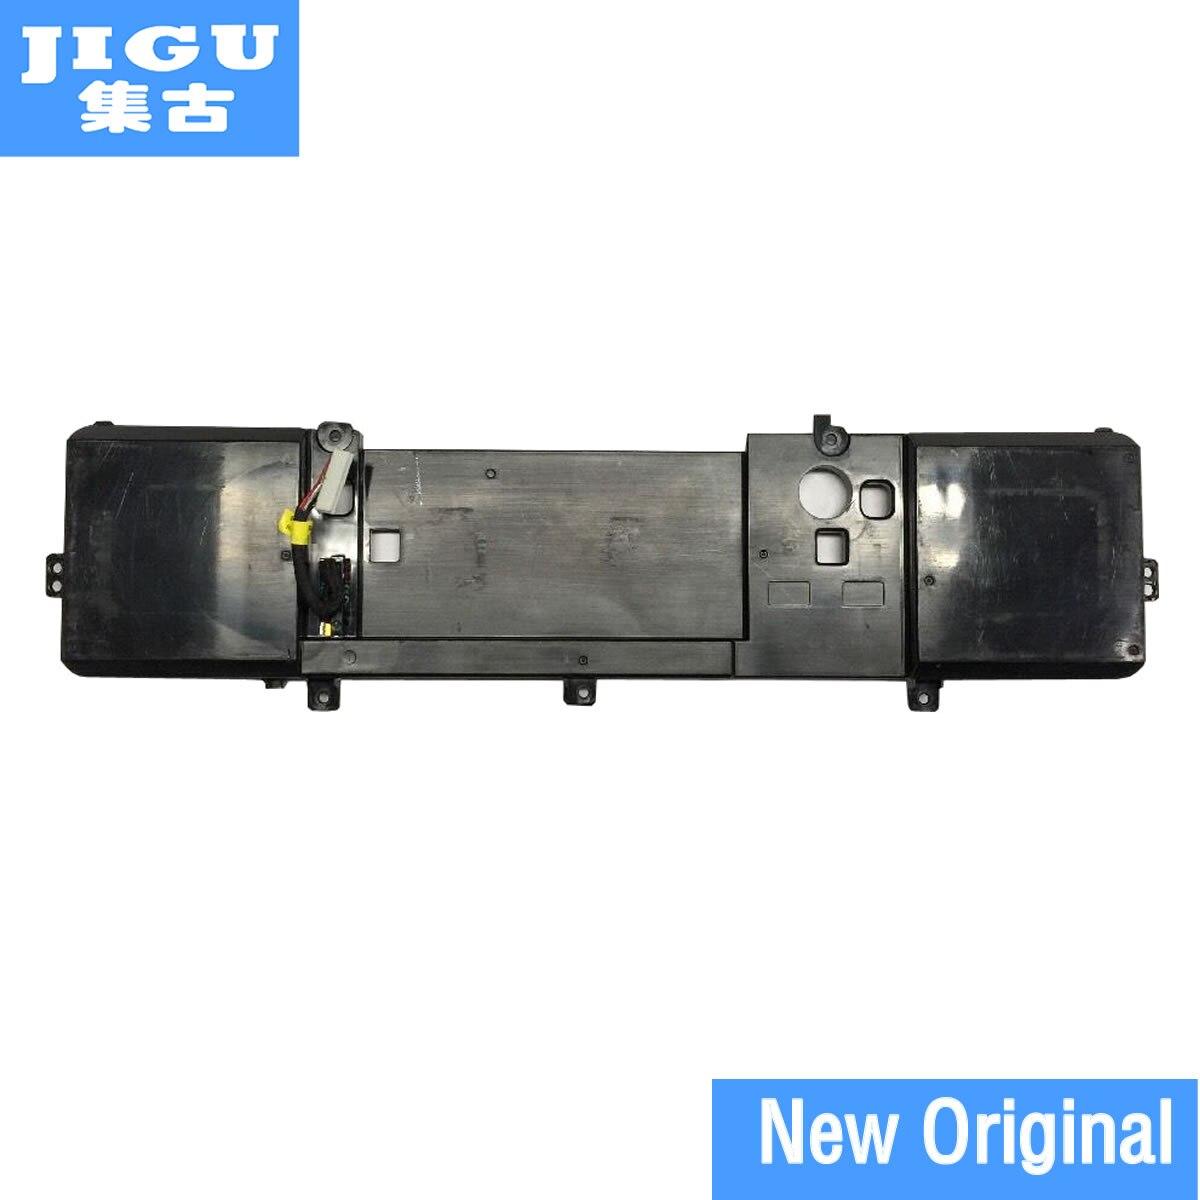 JIGU Original Battery 191YN 2F3W1 For DELL For Alienware 15 R2 17 R3 ALW15ED-1718 1728 1828 1828T 2718 2828 2828T